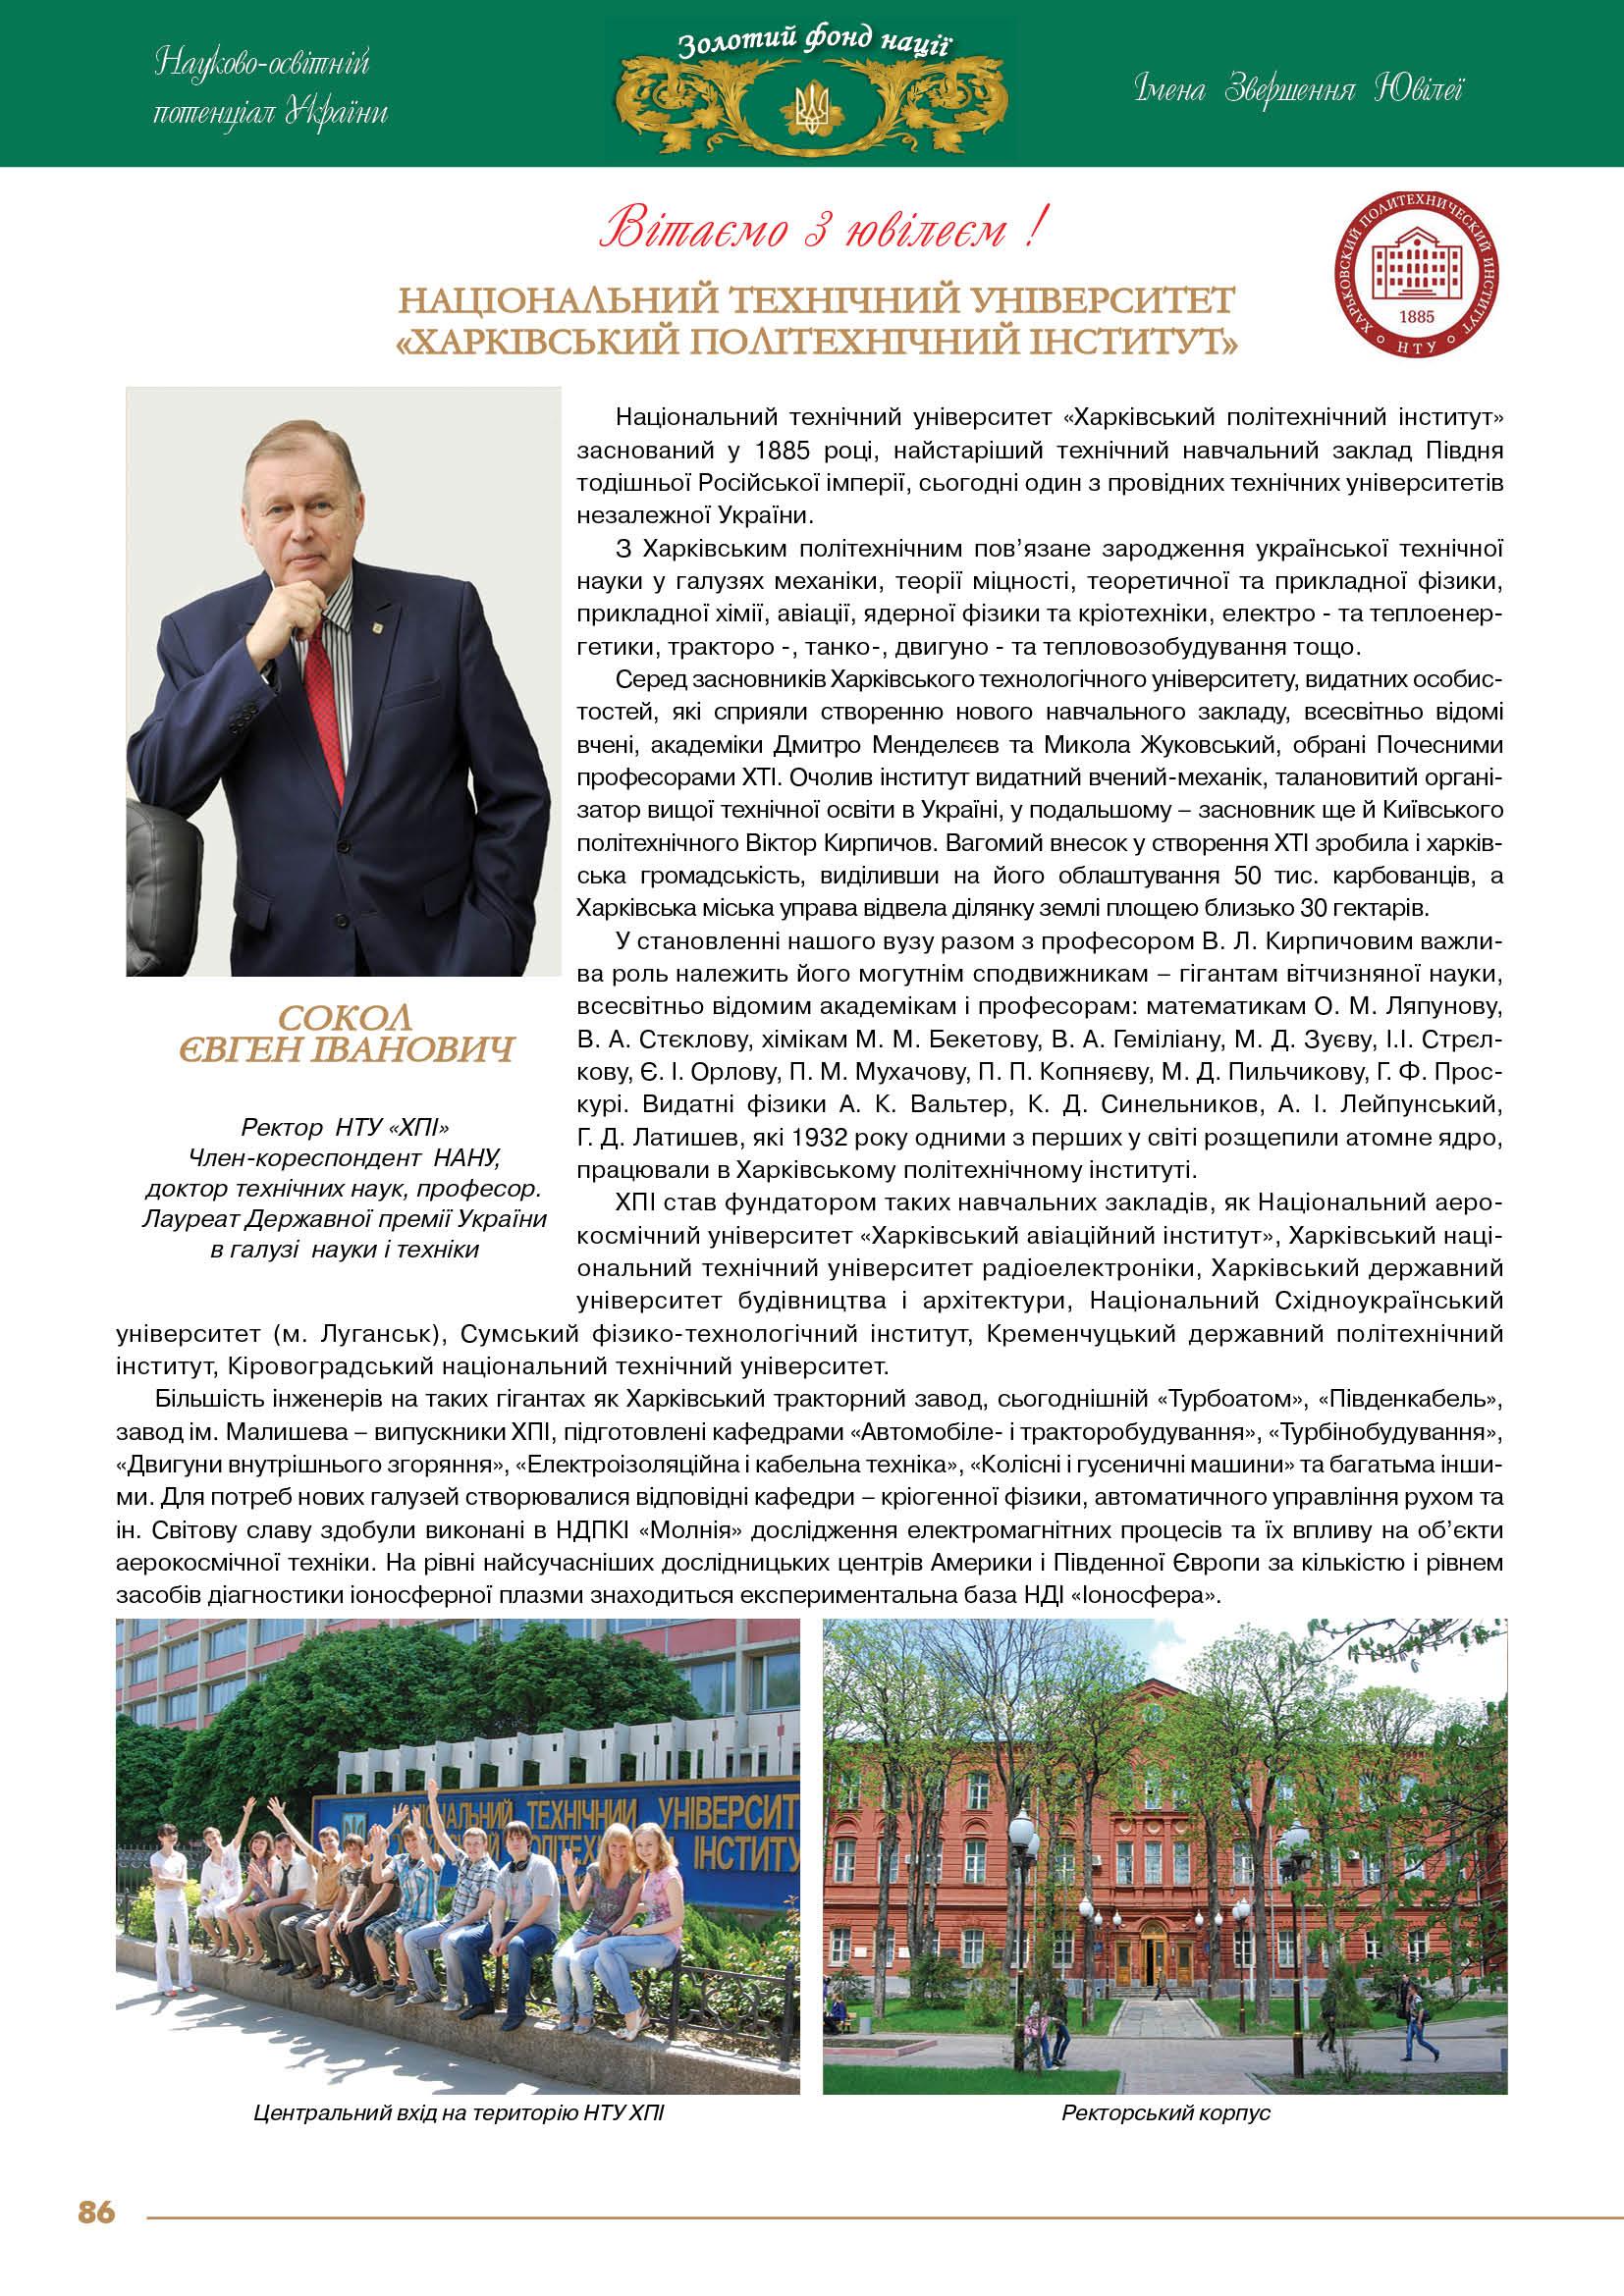 Національний технічний університет «Харківський політехнічний інститут» - ректор Сокол Євген Іванович